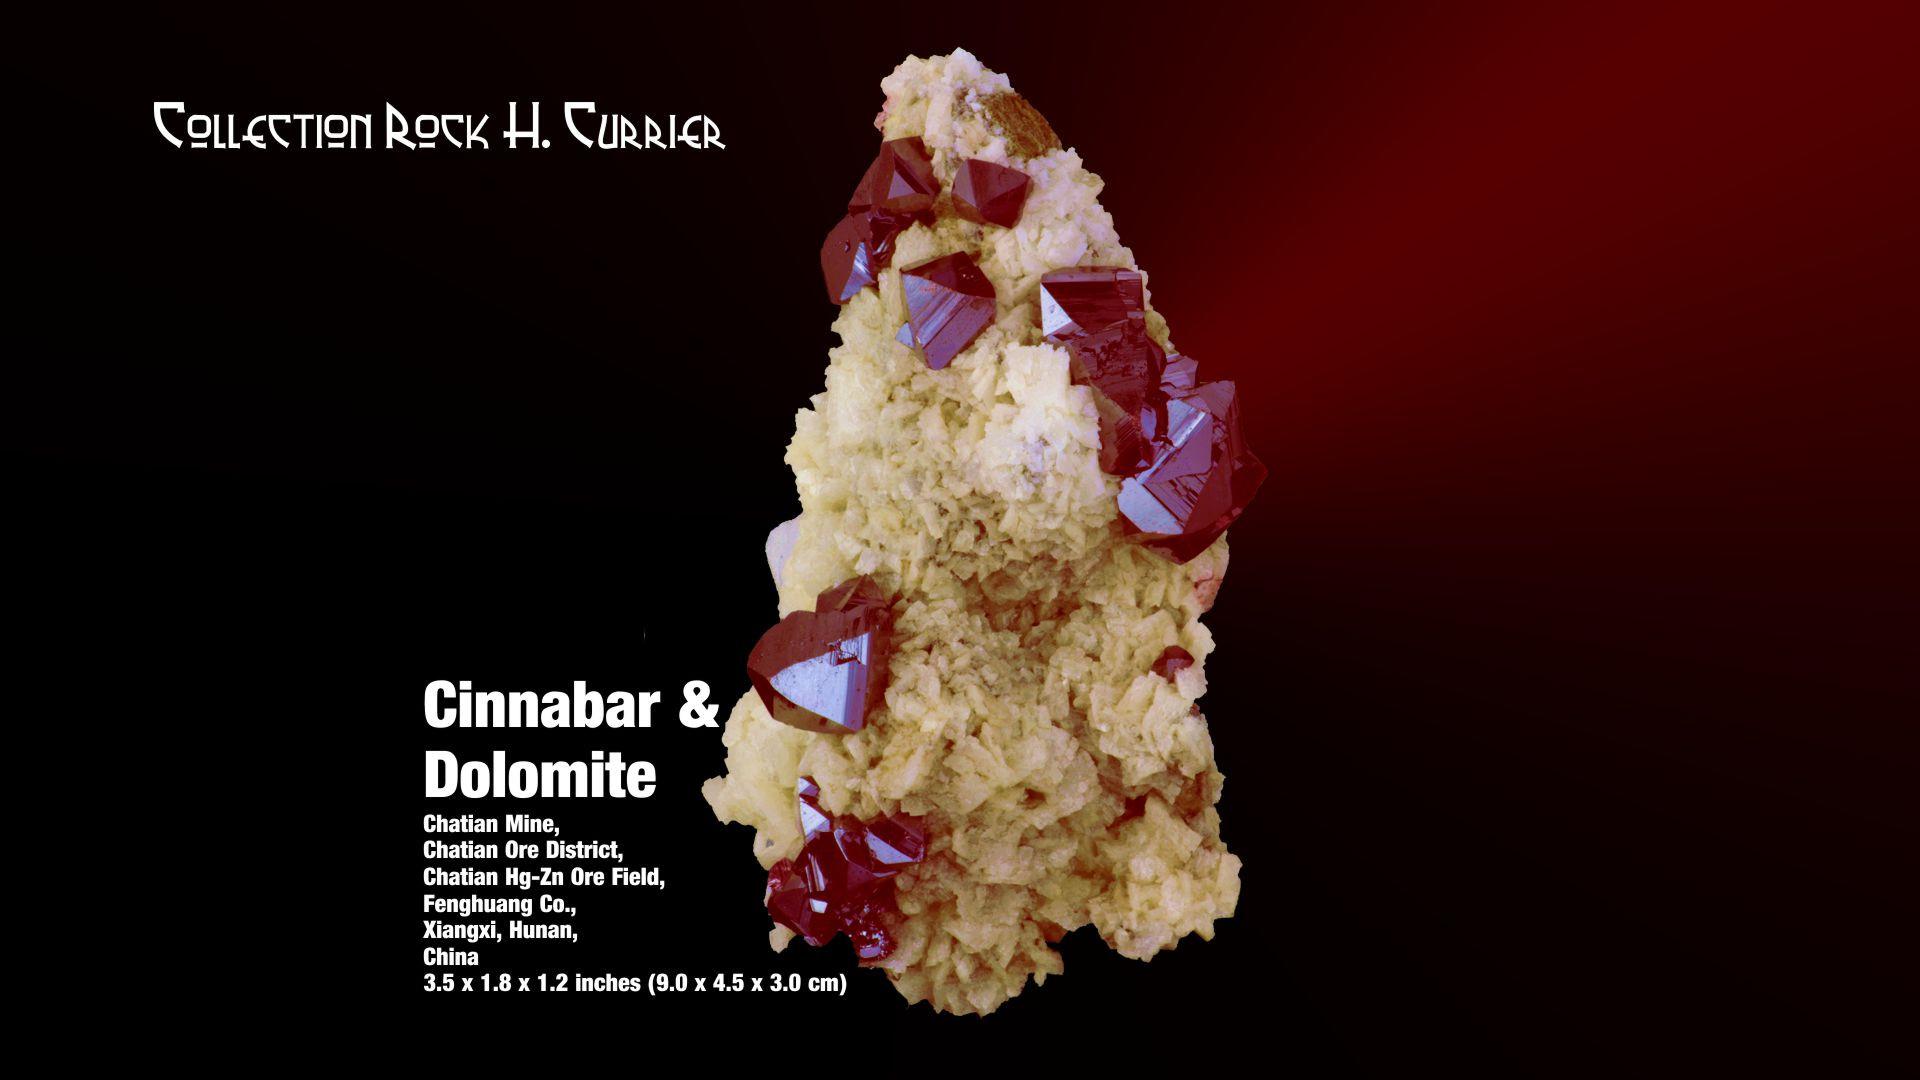 Cinnabar with Dolomite Coll RHC.jpg